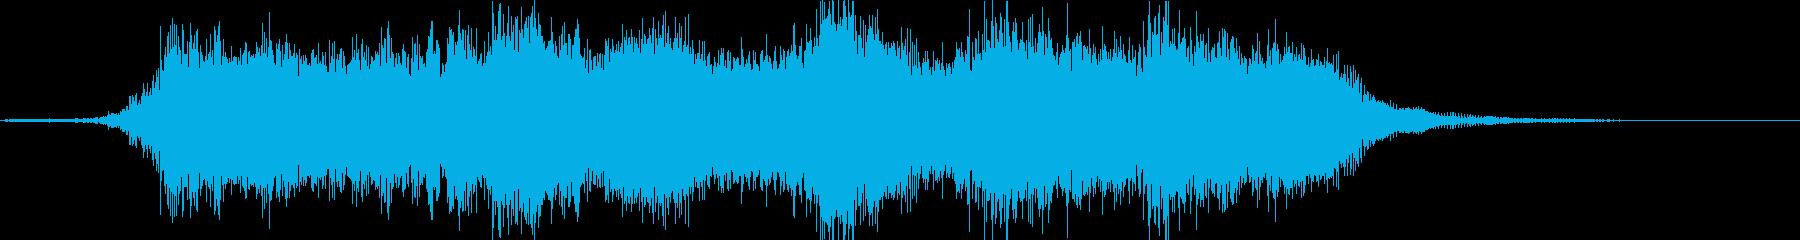 表彰式のファンファーレ風ジングルの再生済みの波形